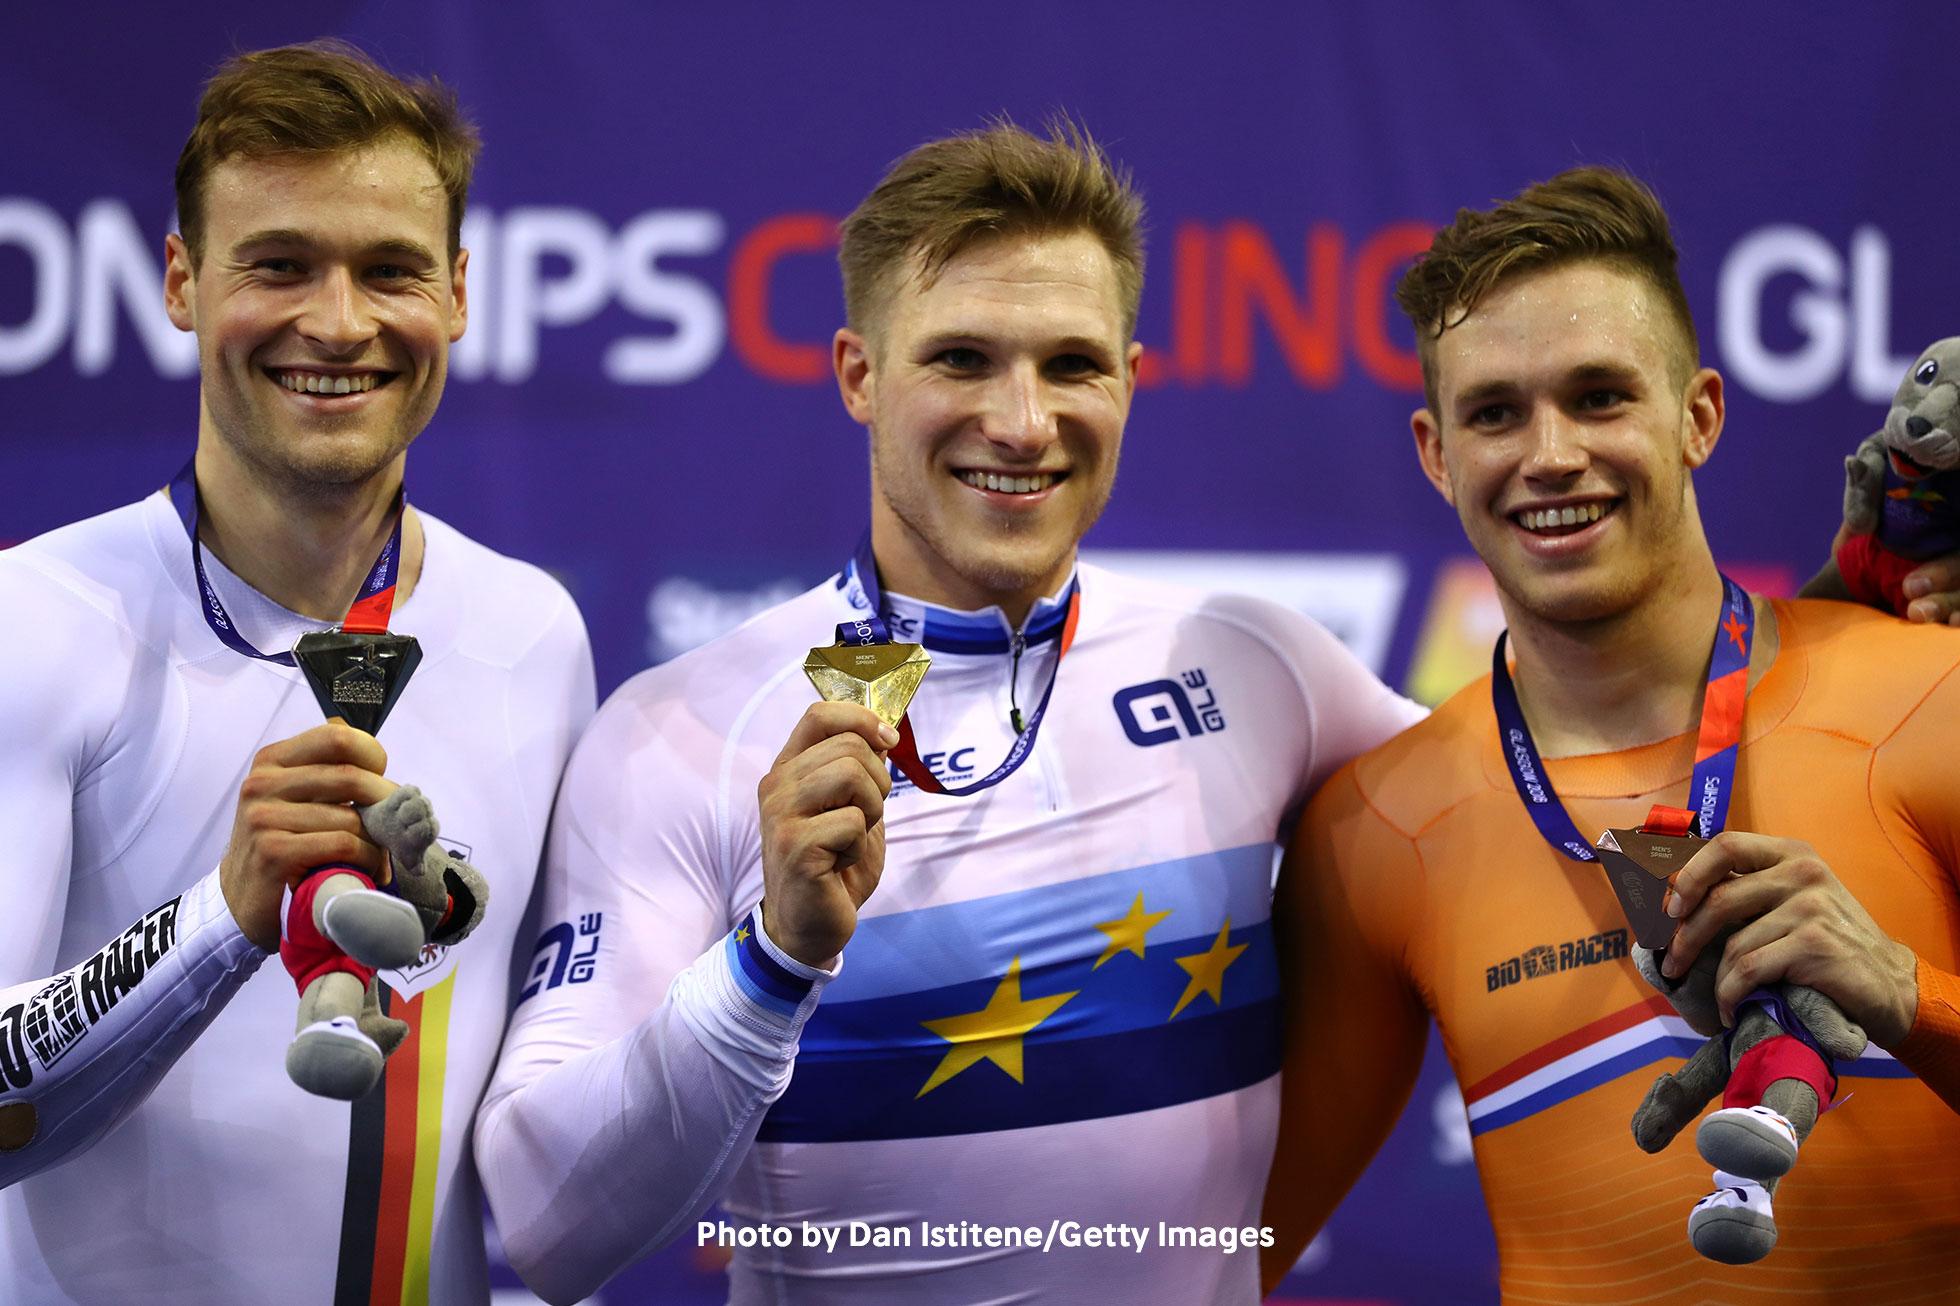 UECトラックヨーロッパ選手権2018・男子スプリント